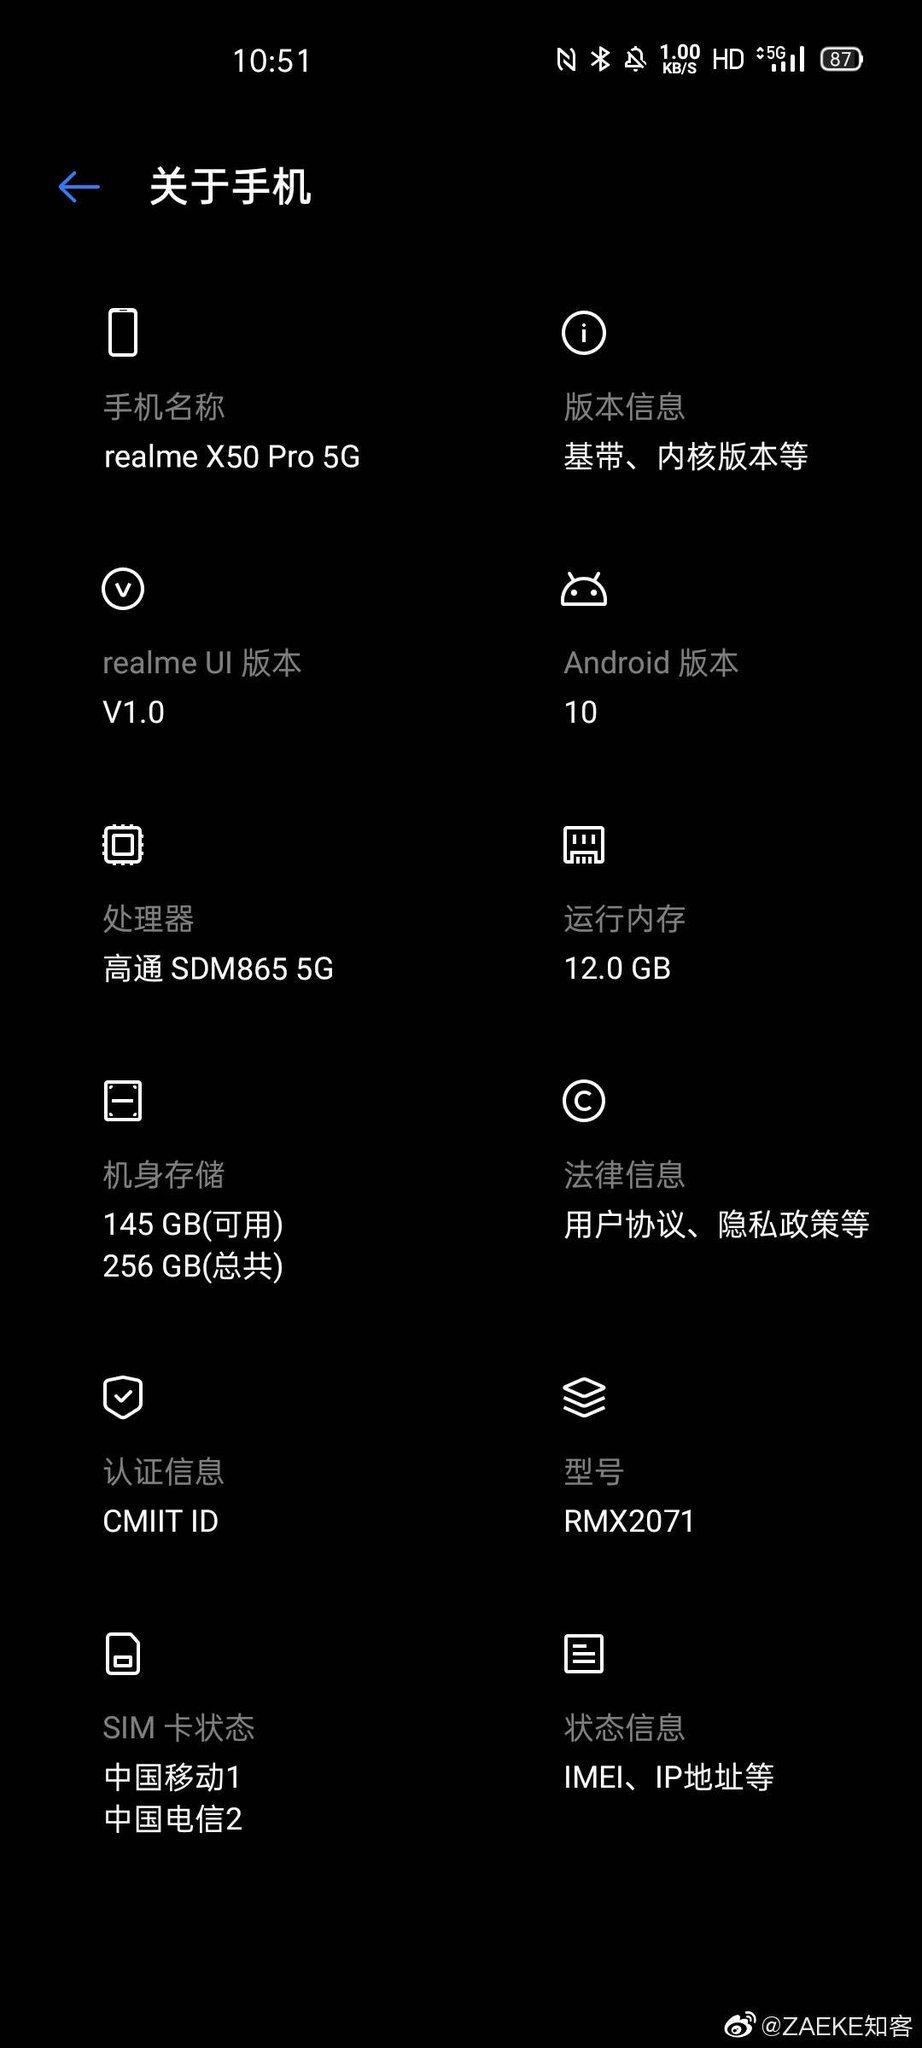 Realme X%0 Pro 5G Specs